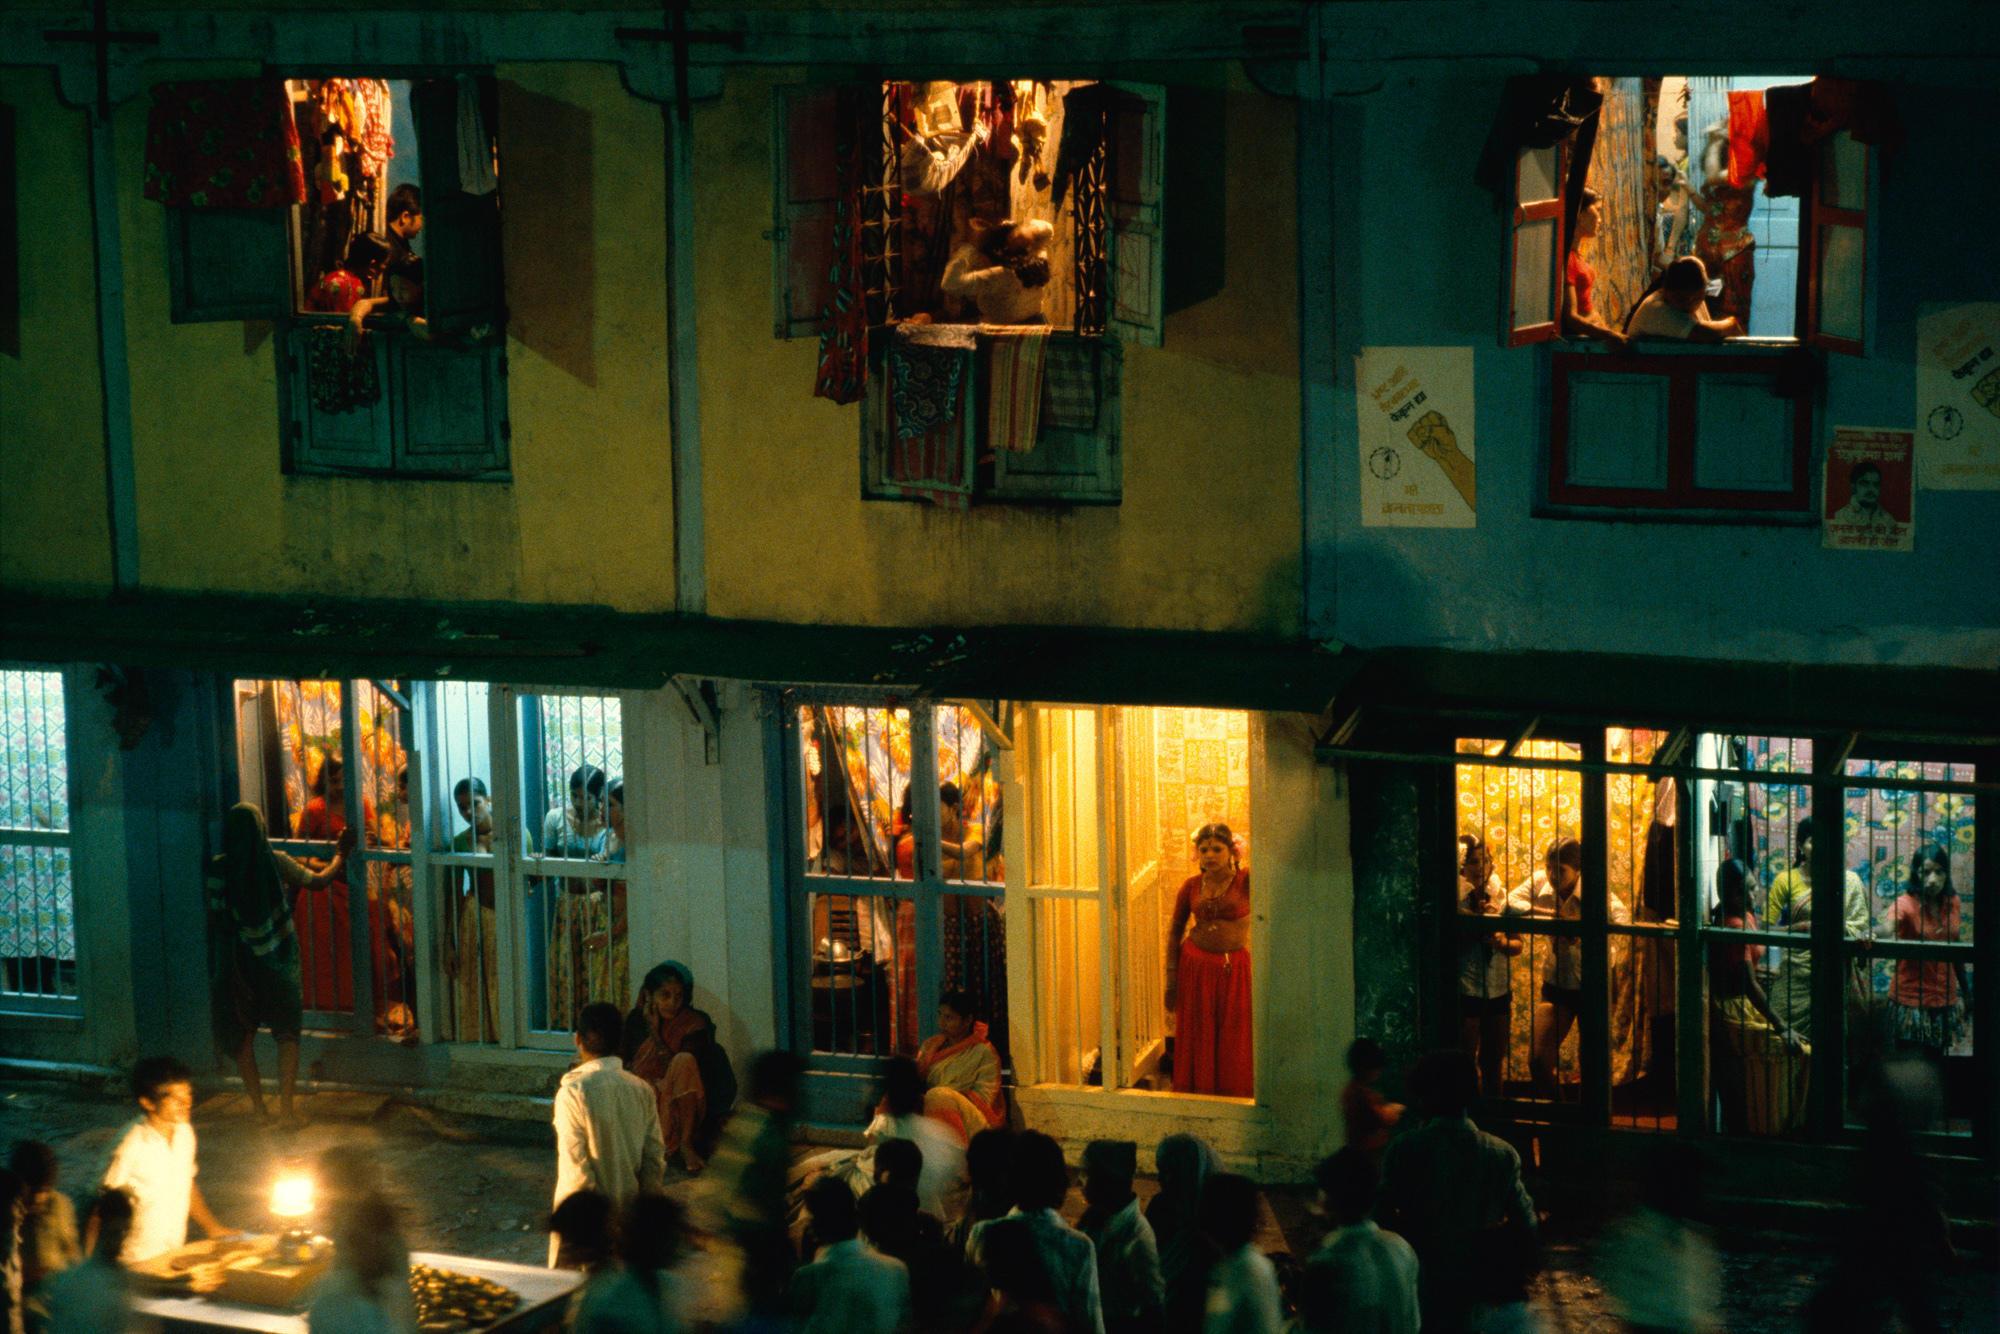 Секс бесплатно без регистрации улица красных фонарей 1 фотография